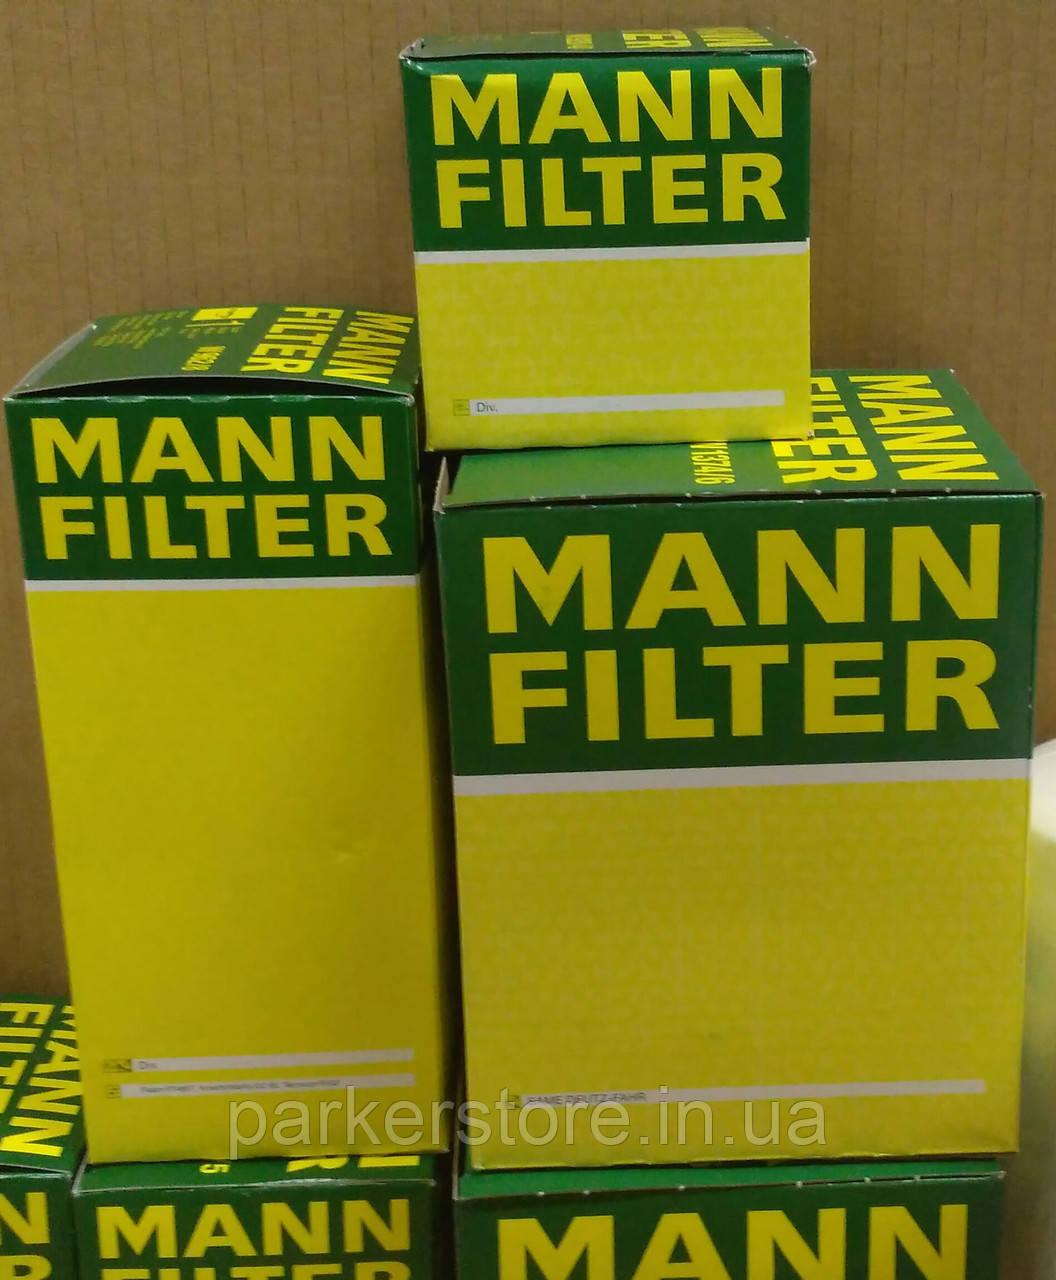 MANN FILTER / Повітряний фільтр / C 24 003 / C24003